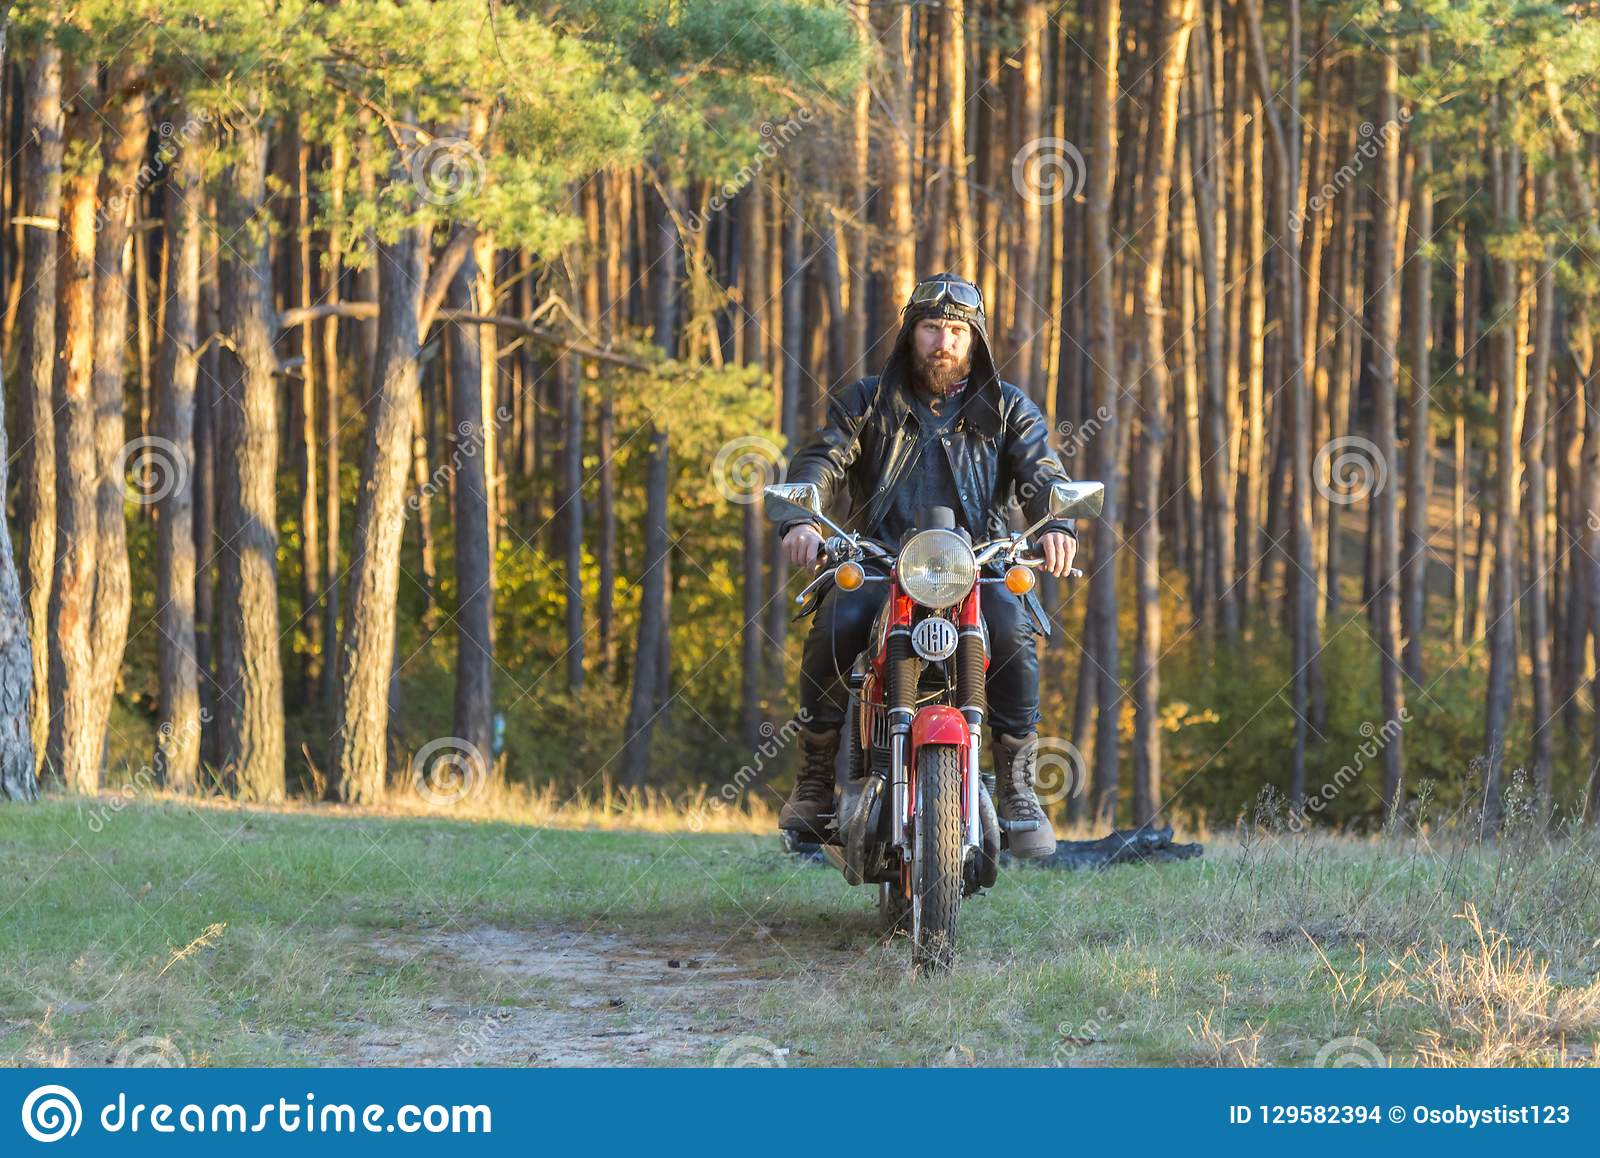 Rowerzysta w skórzanej kurtce i hełm na retro motocyklu w lesie